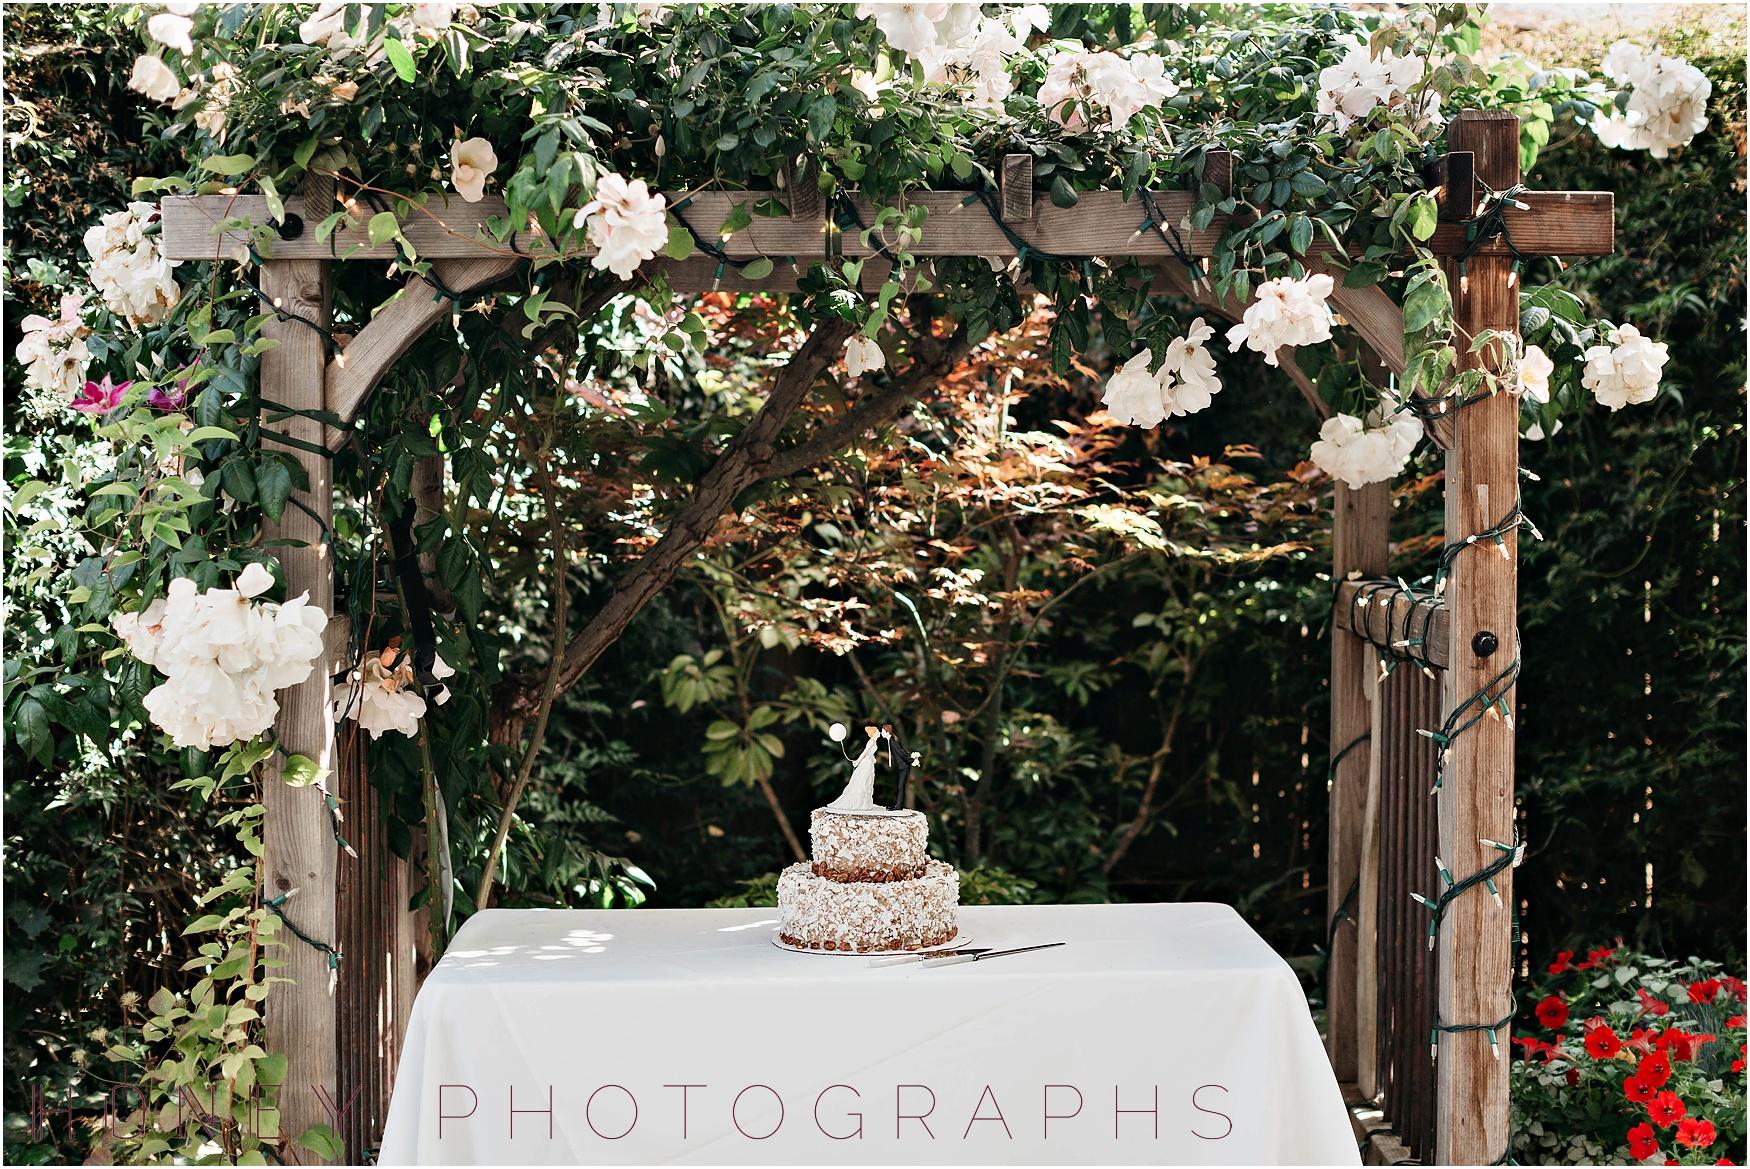 cambria-san-lois-obispo-wedding-garden-intimate38.jpg